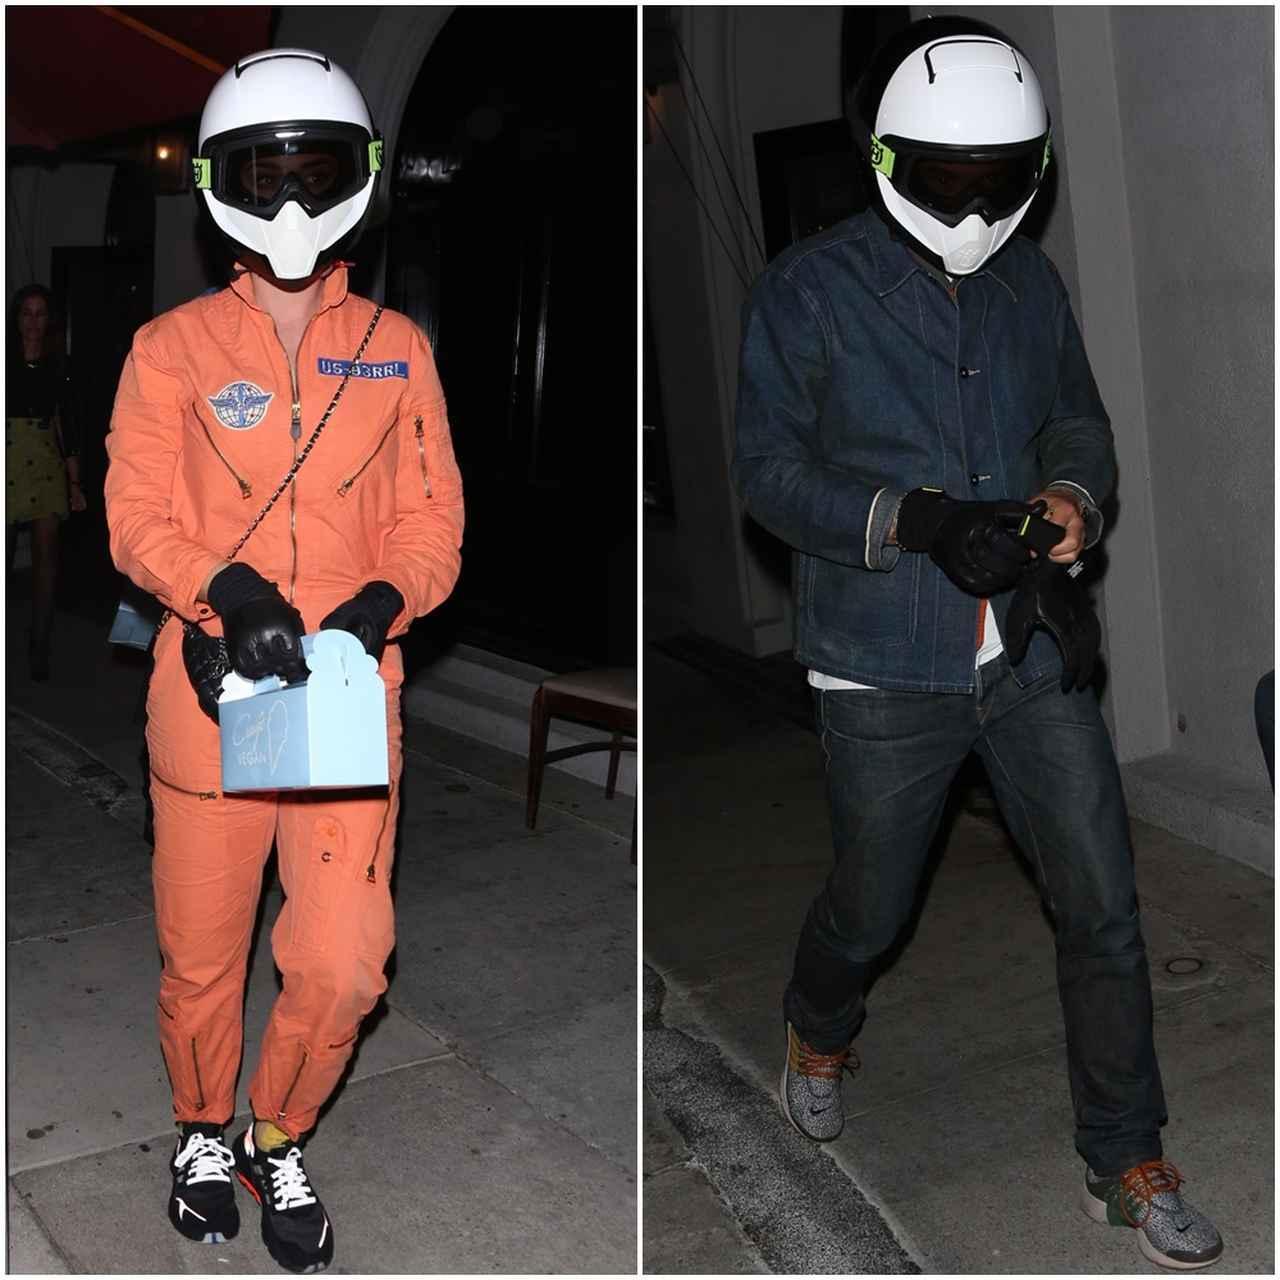 画像: ケイティはオレンジのジャンプスーツ、オーランドは上下デニムのカジュアルな服装だった。